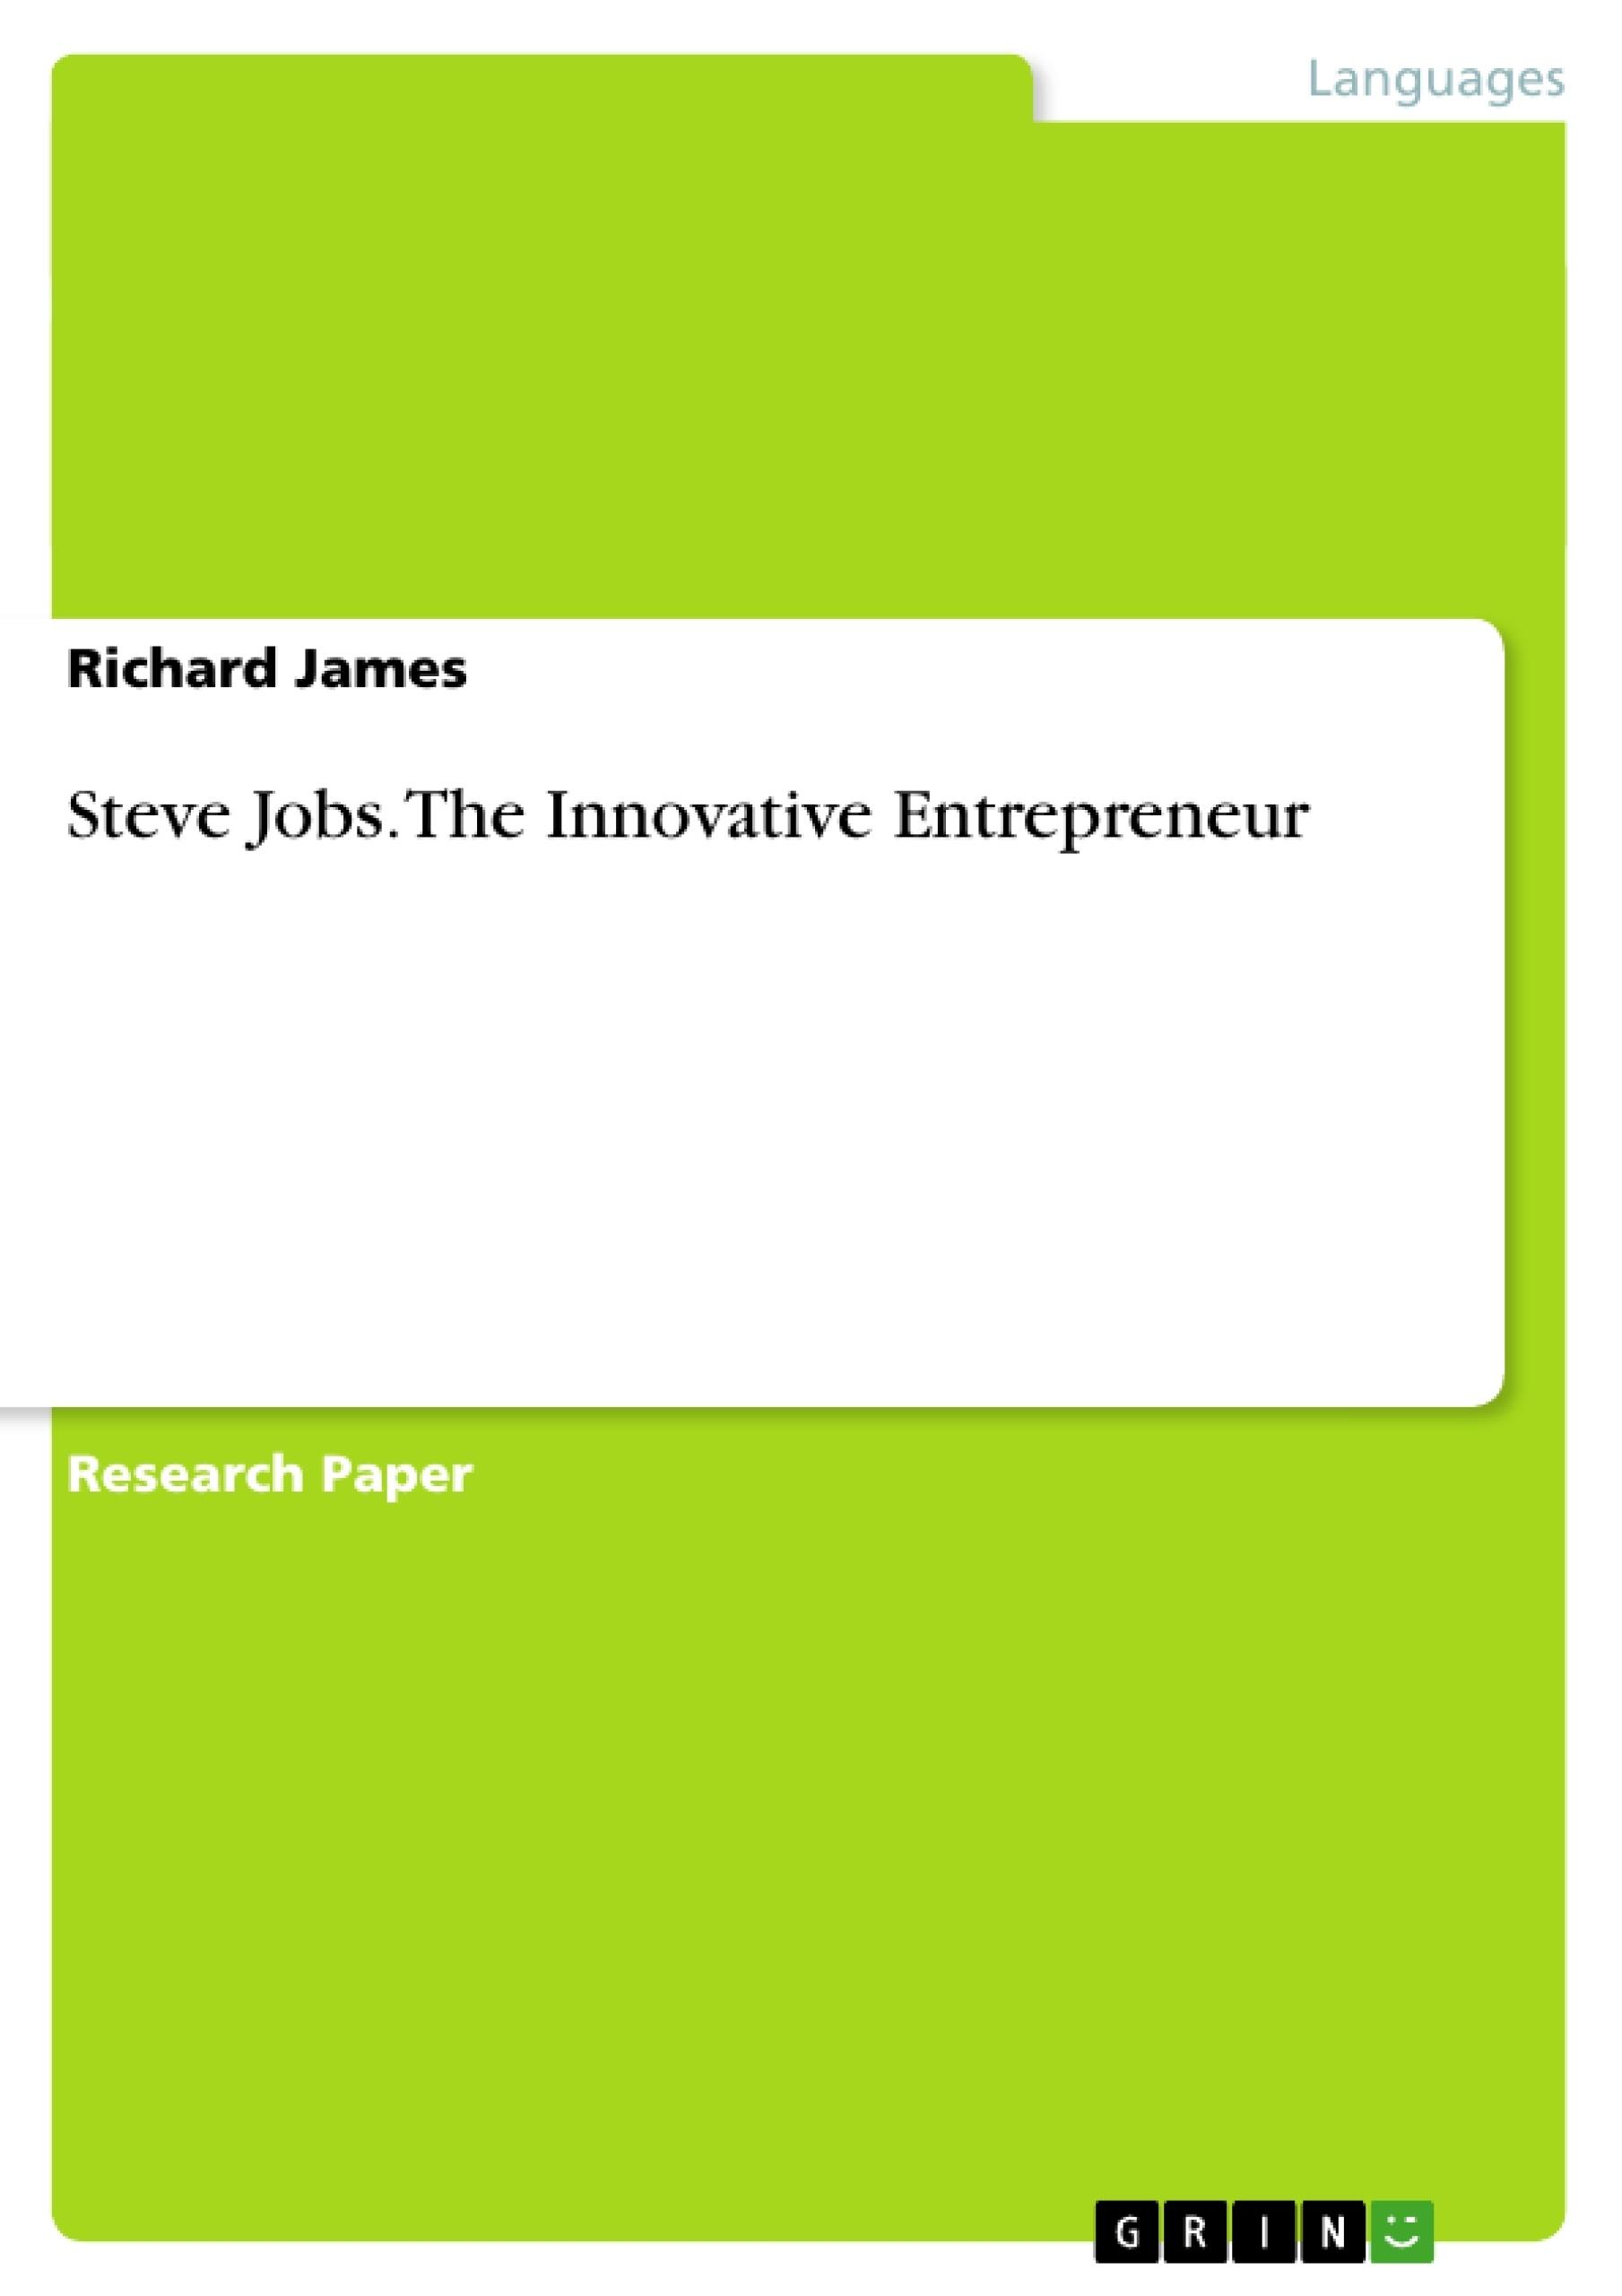 Title: Steve Jobs. The Innovative Entrepreneur